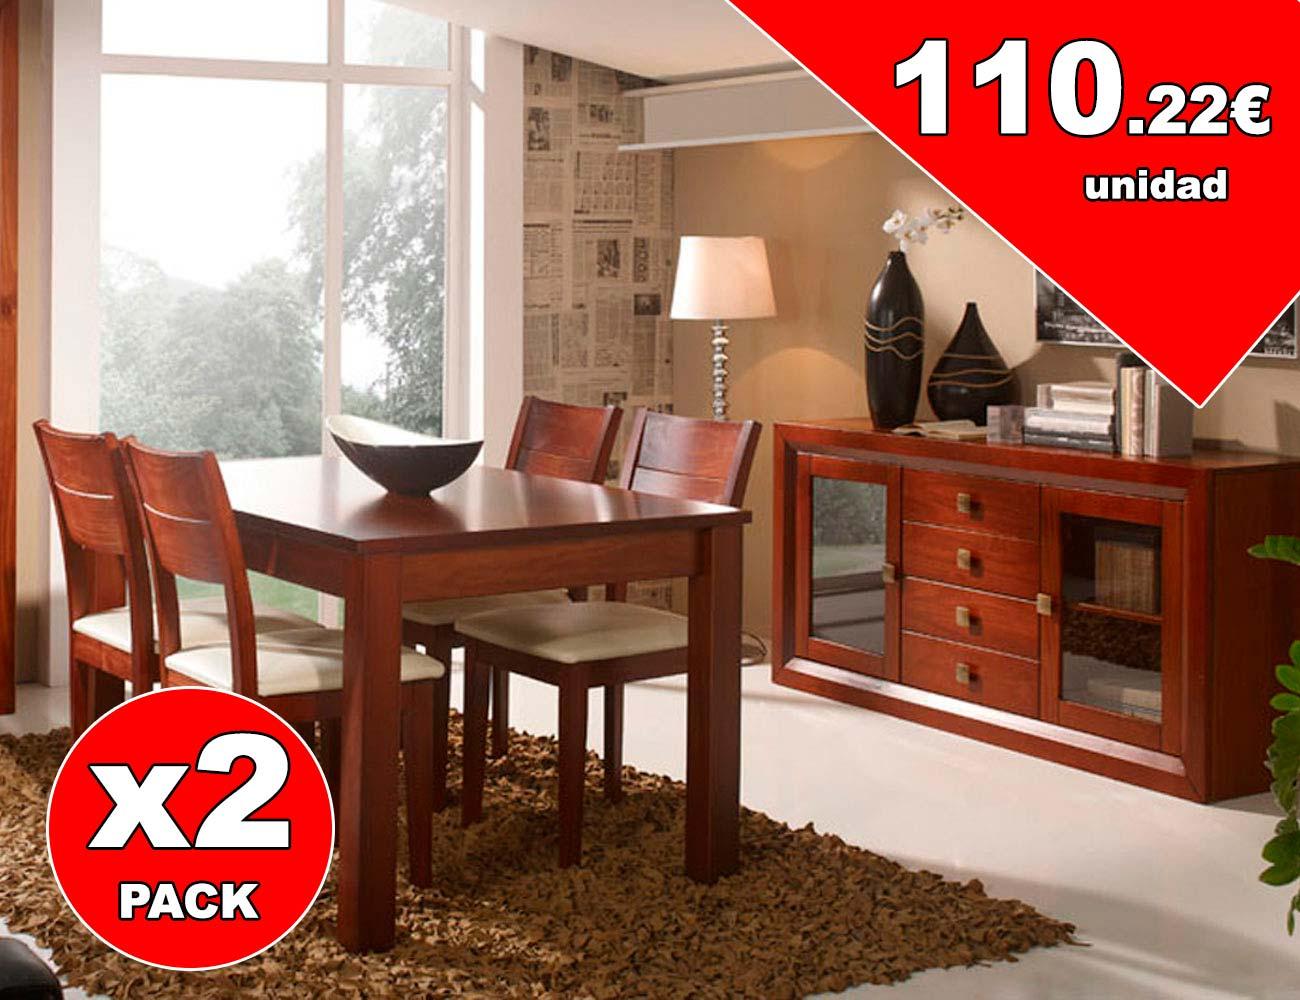 Pack de sillas comedor color nogal en madera (7114) | Factory del ...